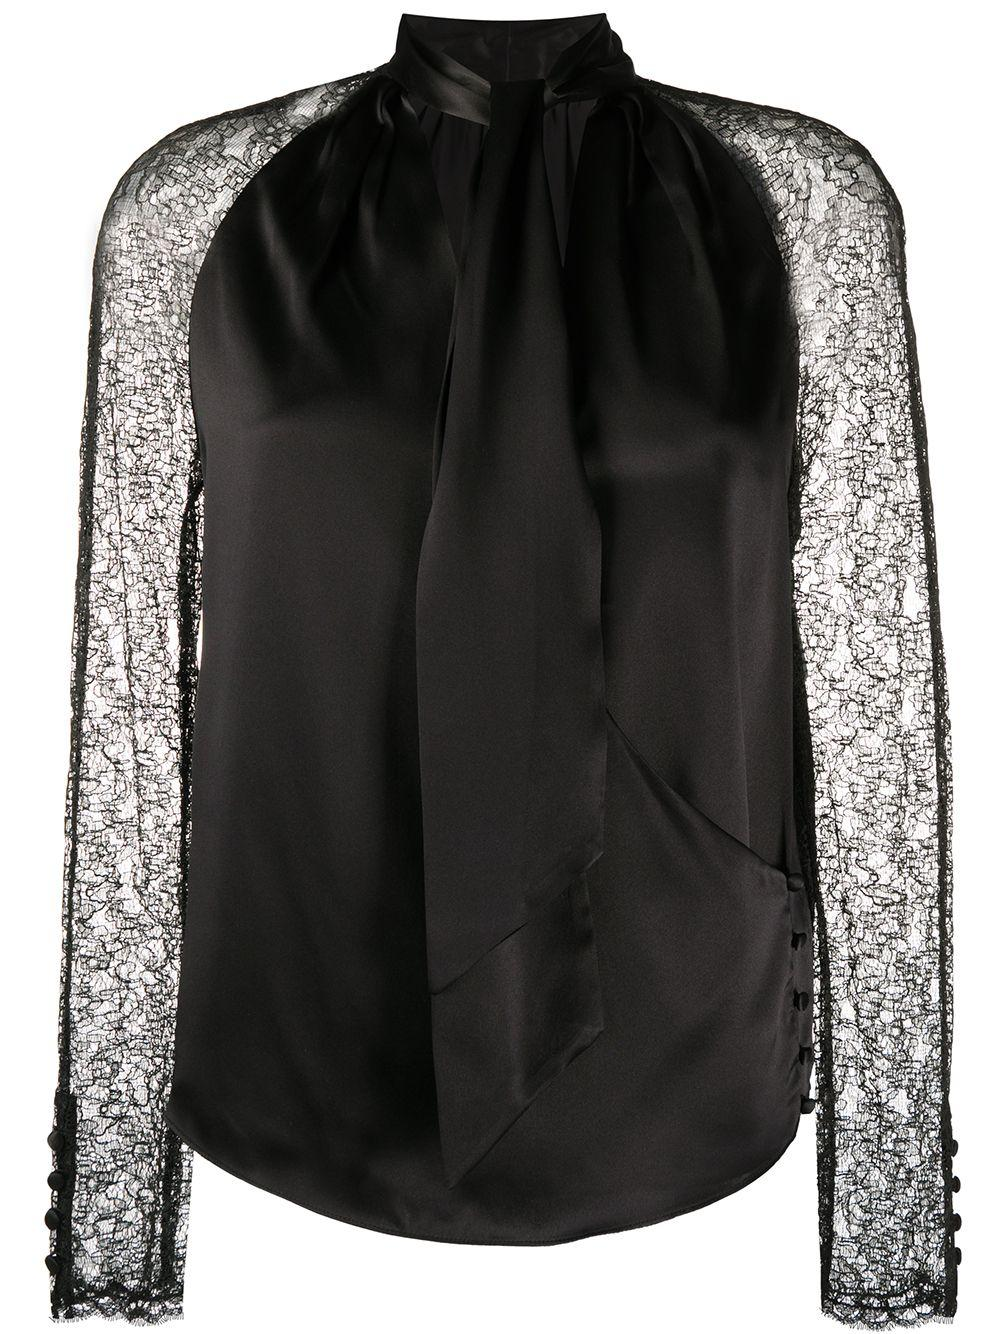 Jonathan Simkhai атласная блузка с кружевными рукавами